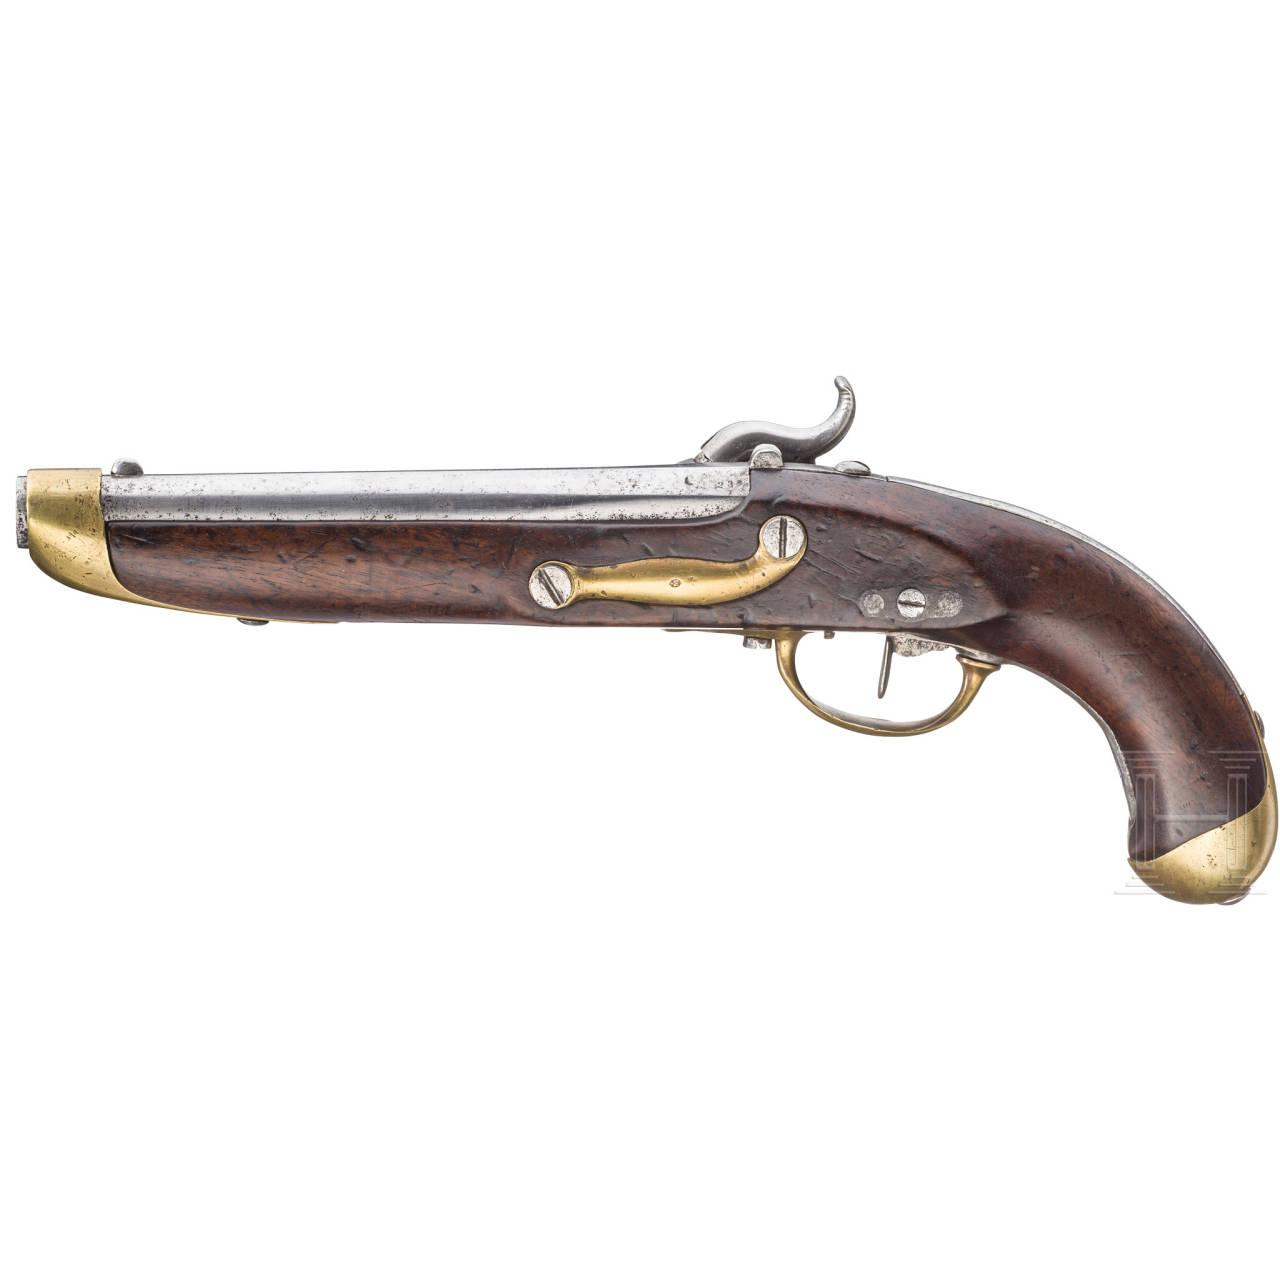 Kavalleriepistole M 1816/40 UM